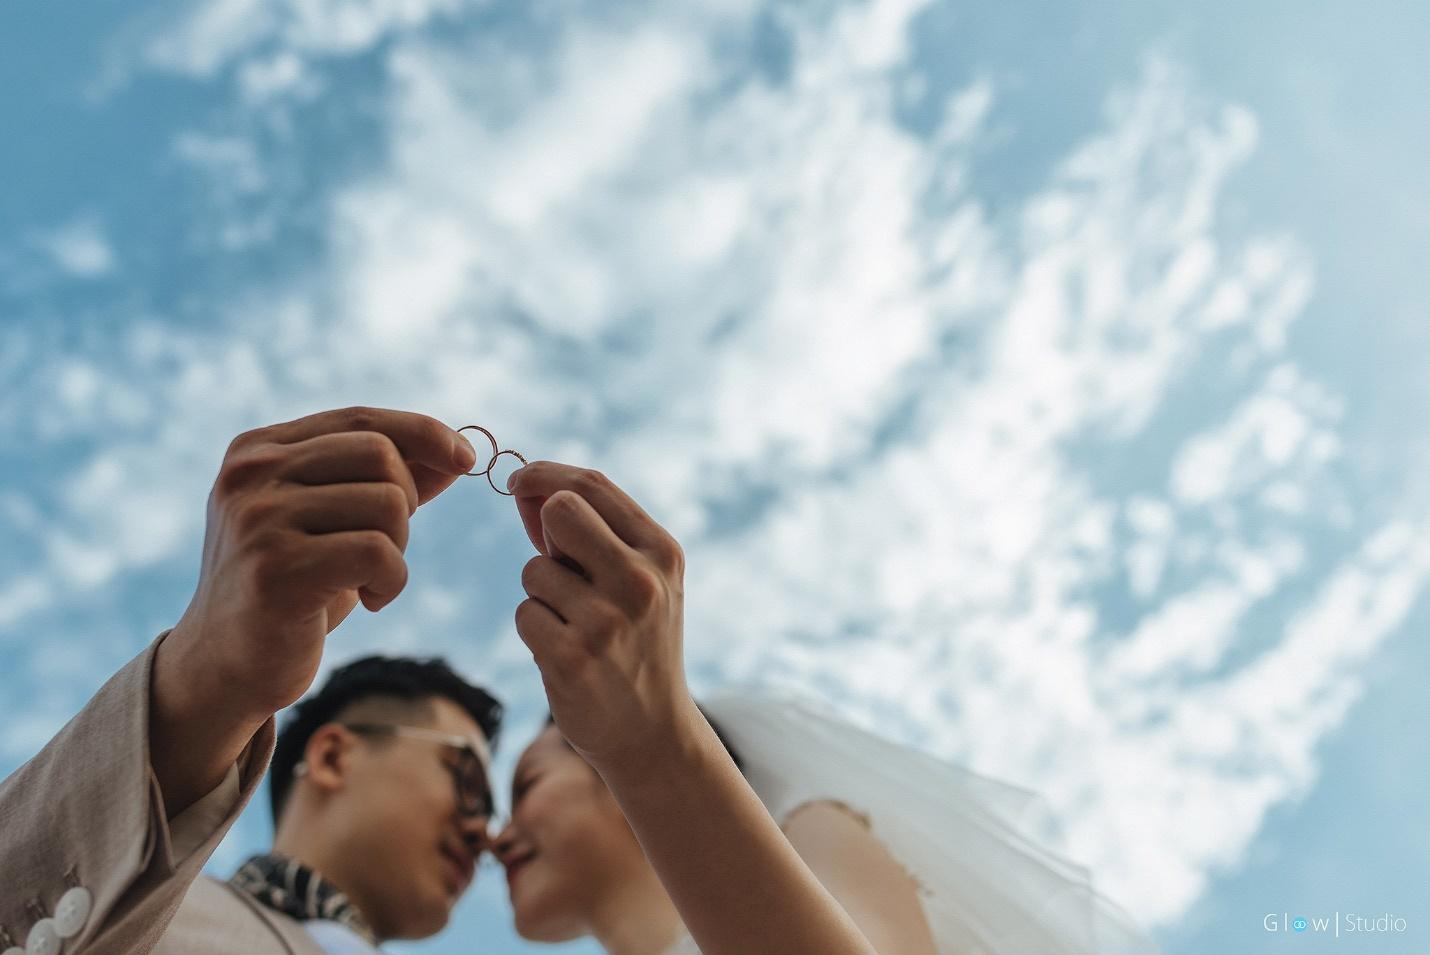 Ảnh cưới tự nhiên - Nơi cảm xúc thật được thăng hoa - Ảnh 8.